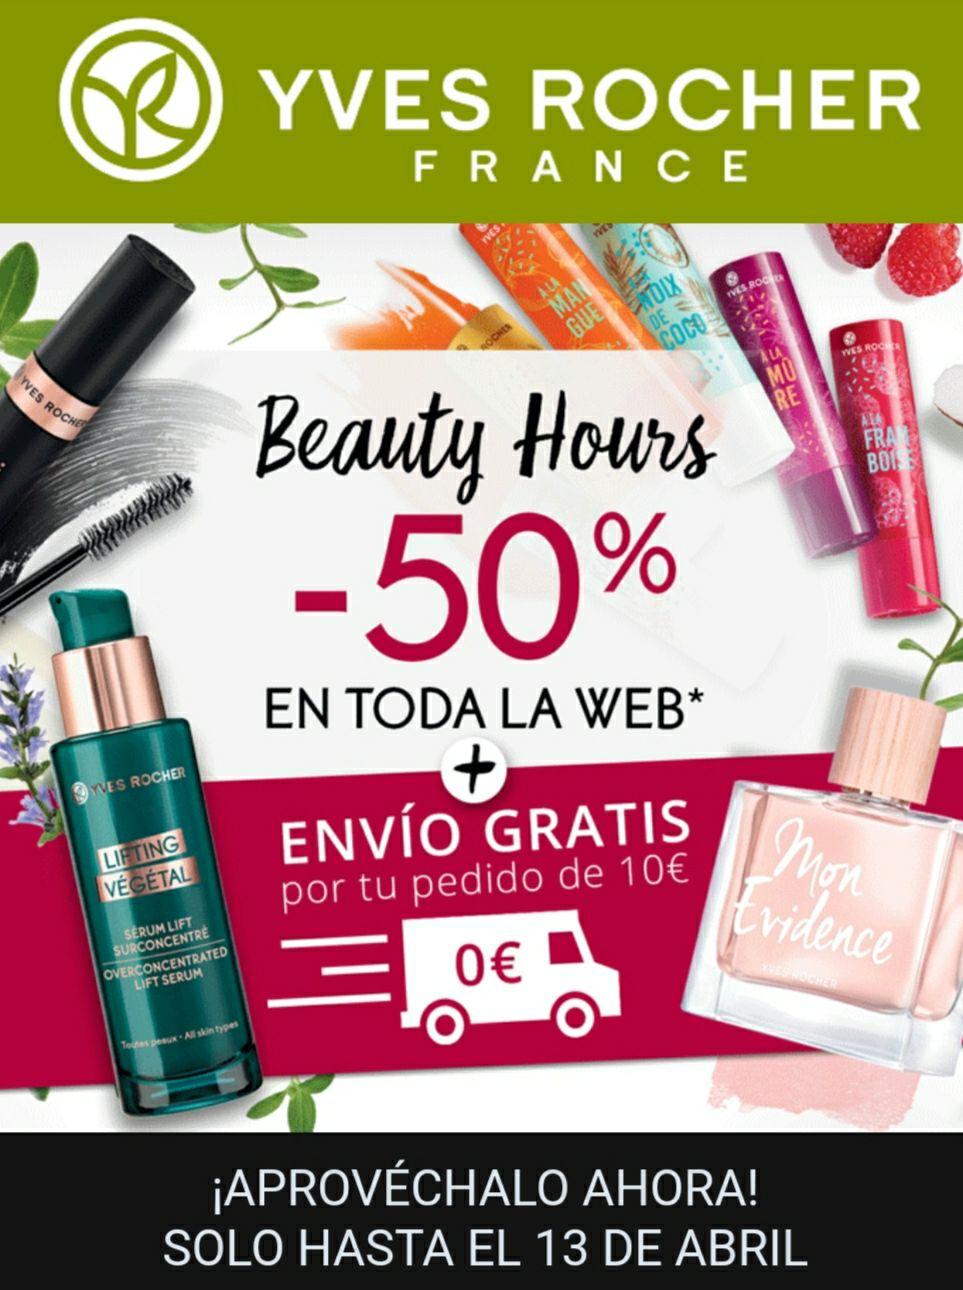 50% en toda la web Yves Rocher